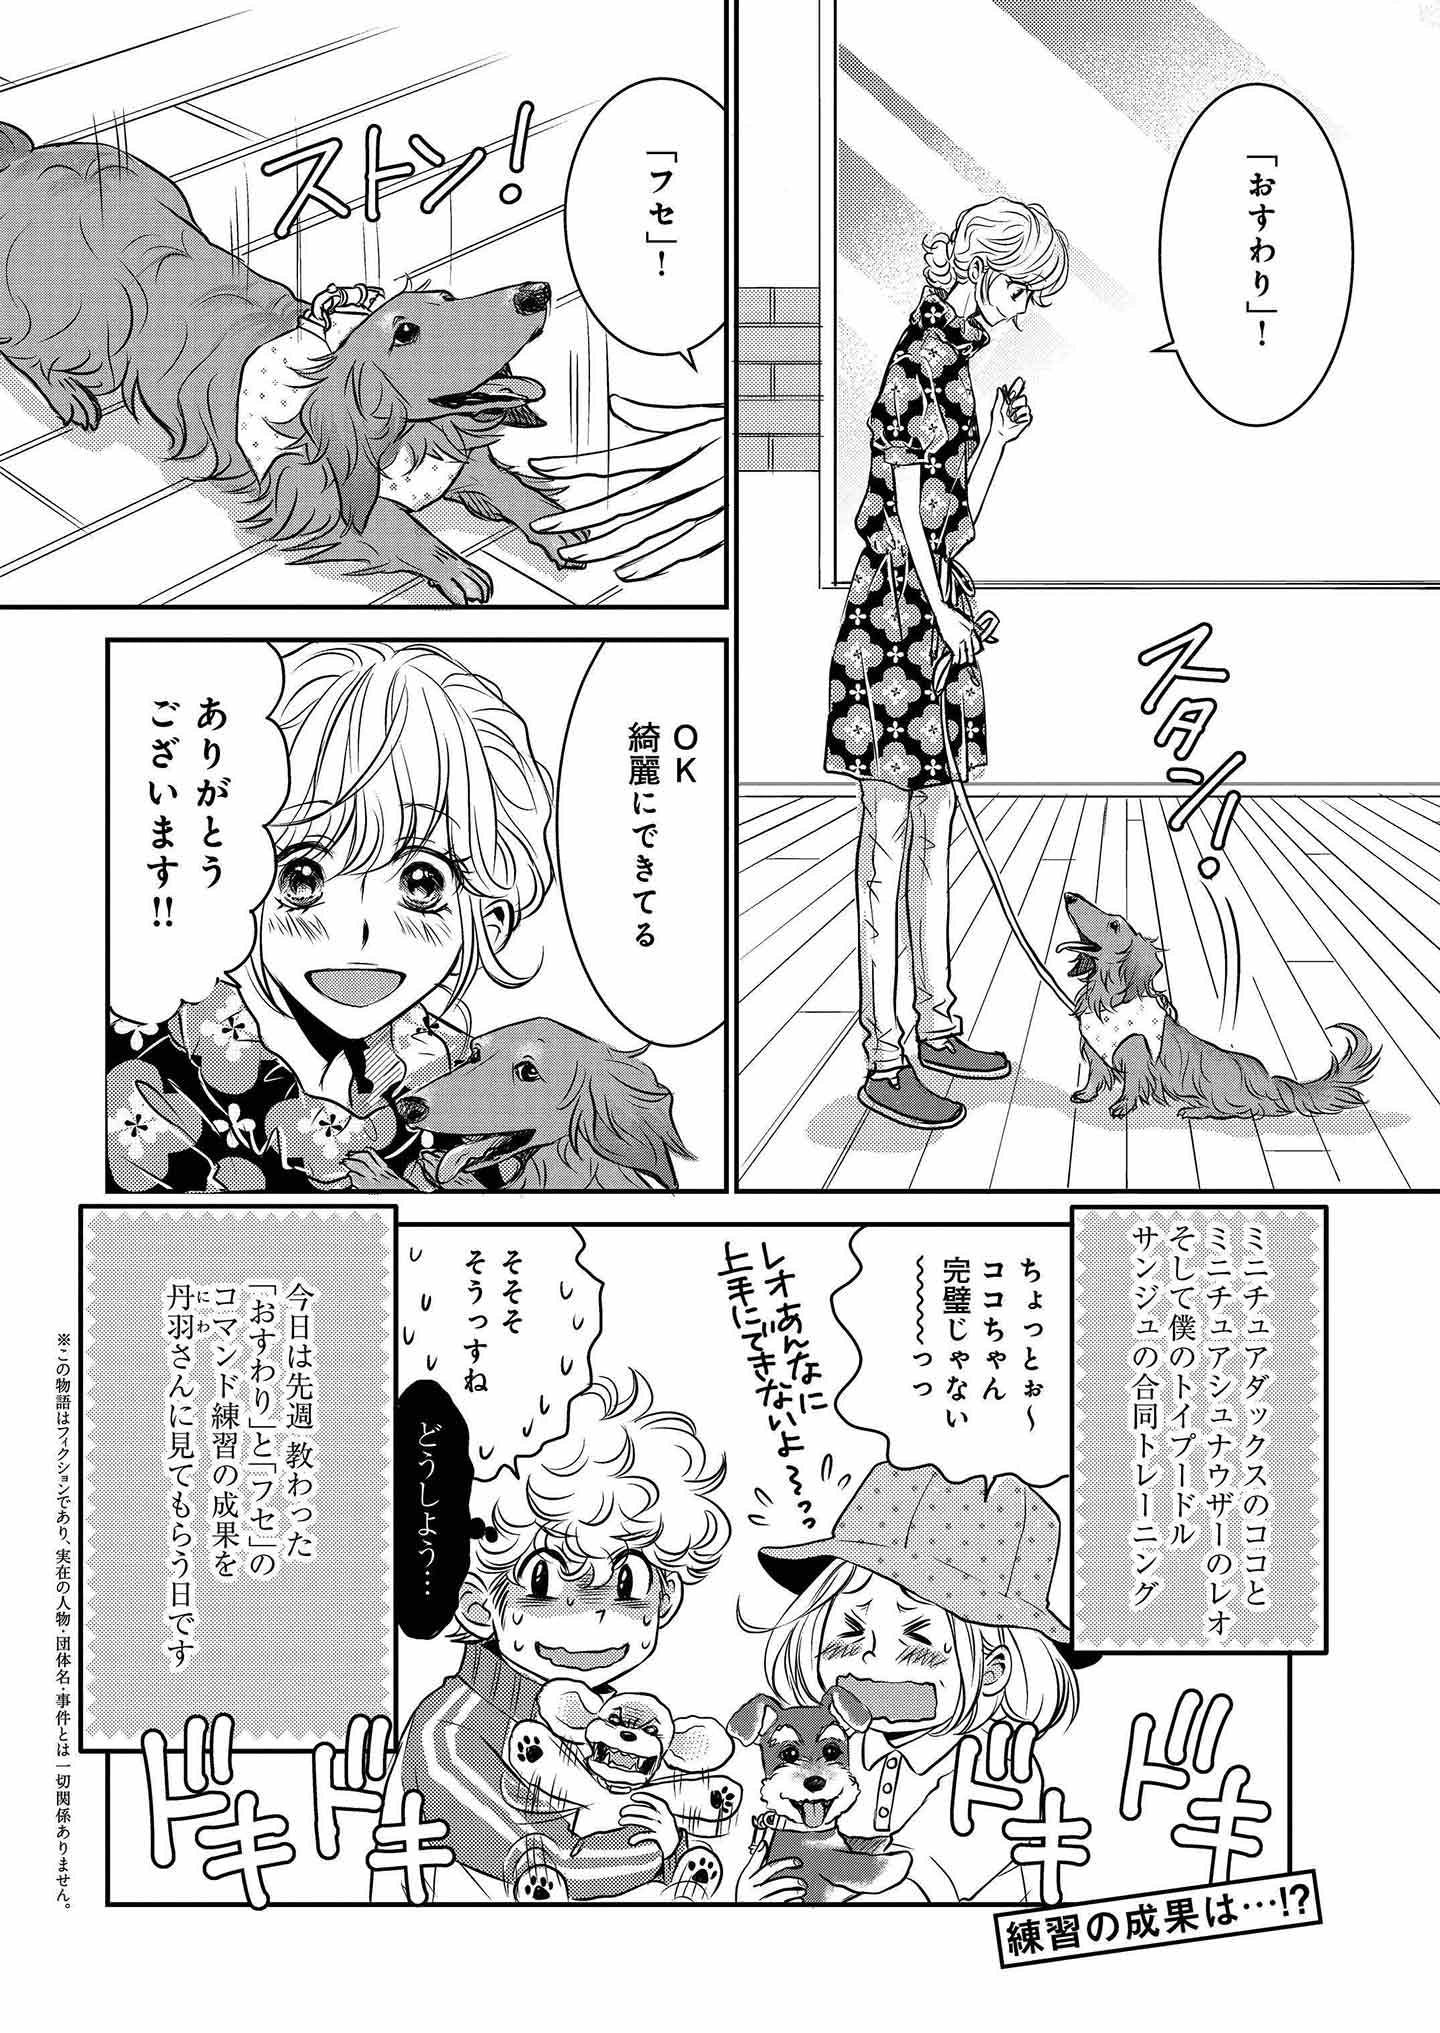 『DOG SIGNAL』12話目① 1ページ目